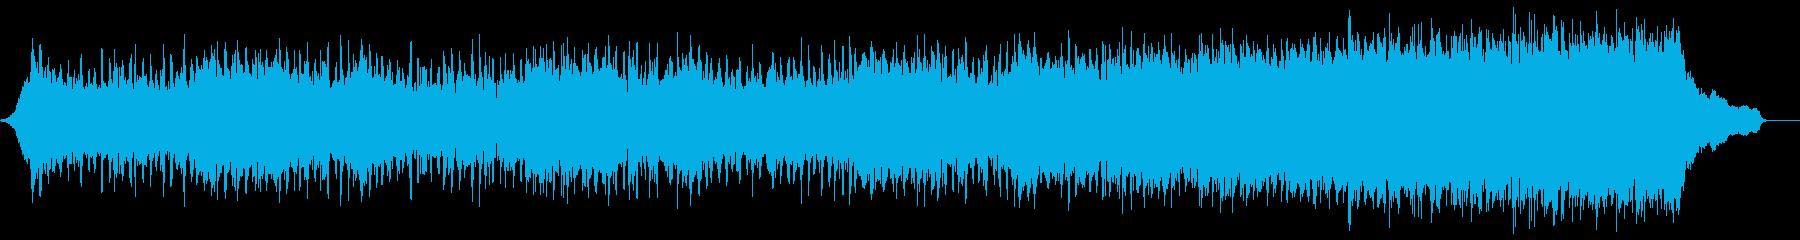 企業VP映像、110オーケストラ、壮大bの再生済みの波形